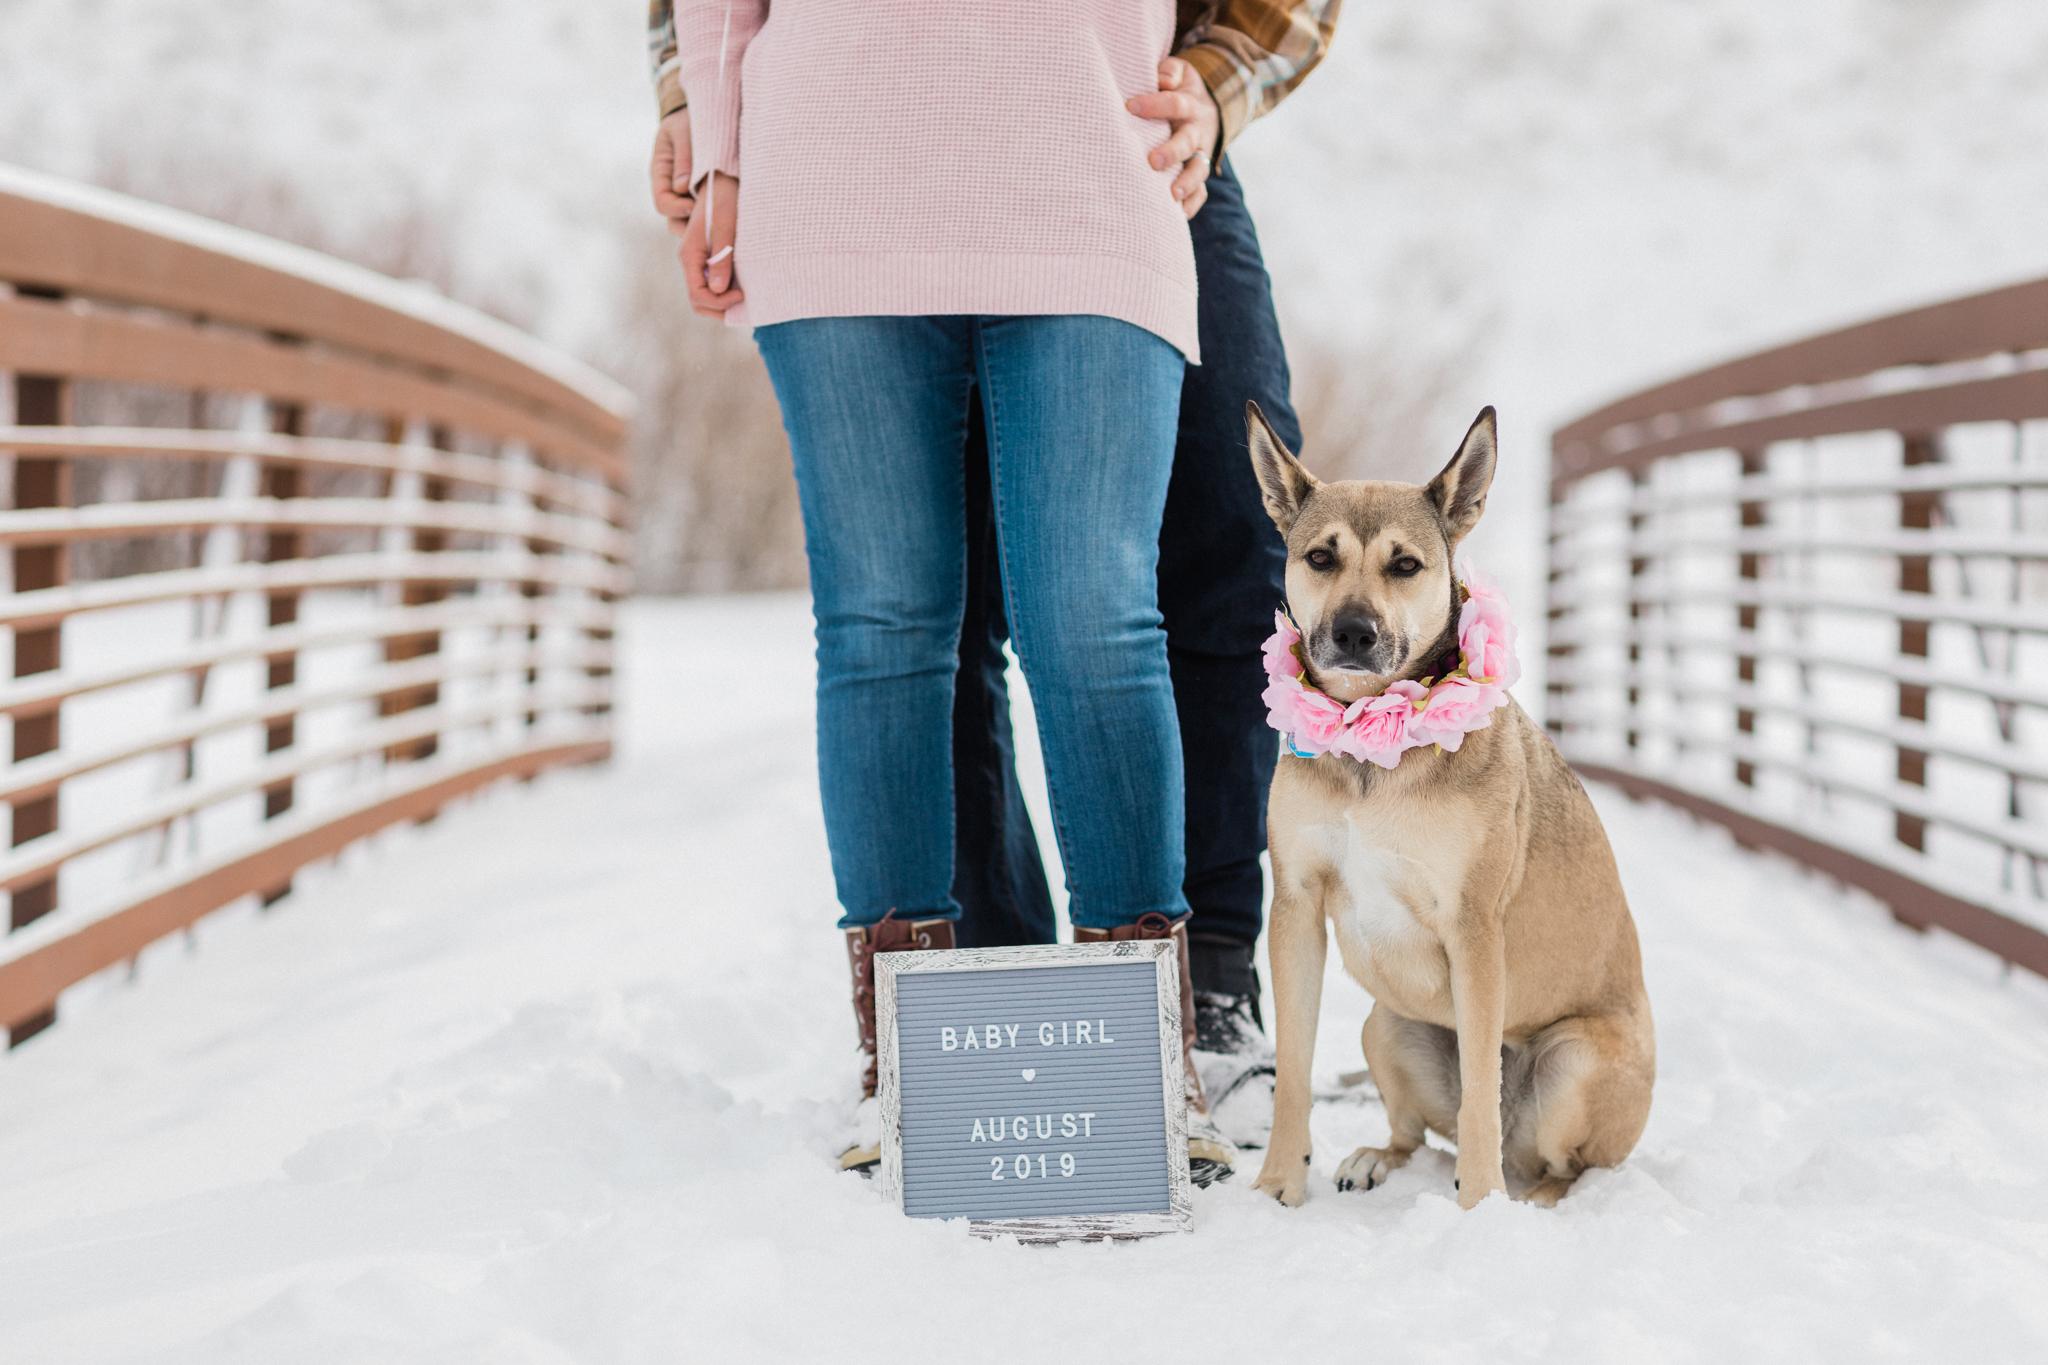 pregnancy announcement baby girl Breckenridge